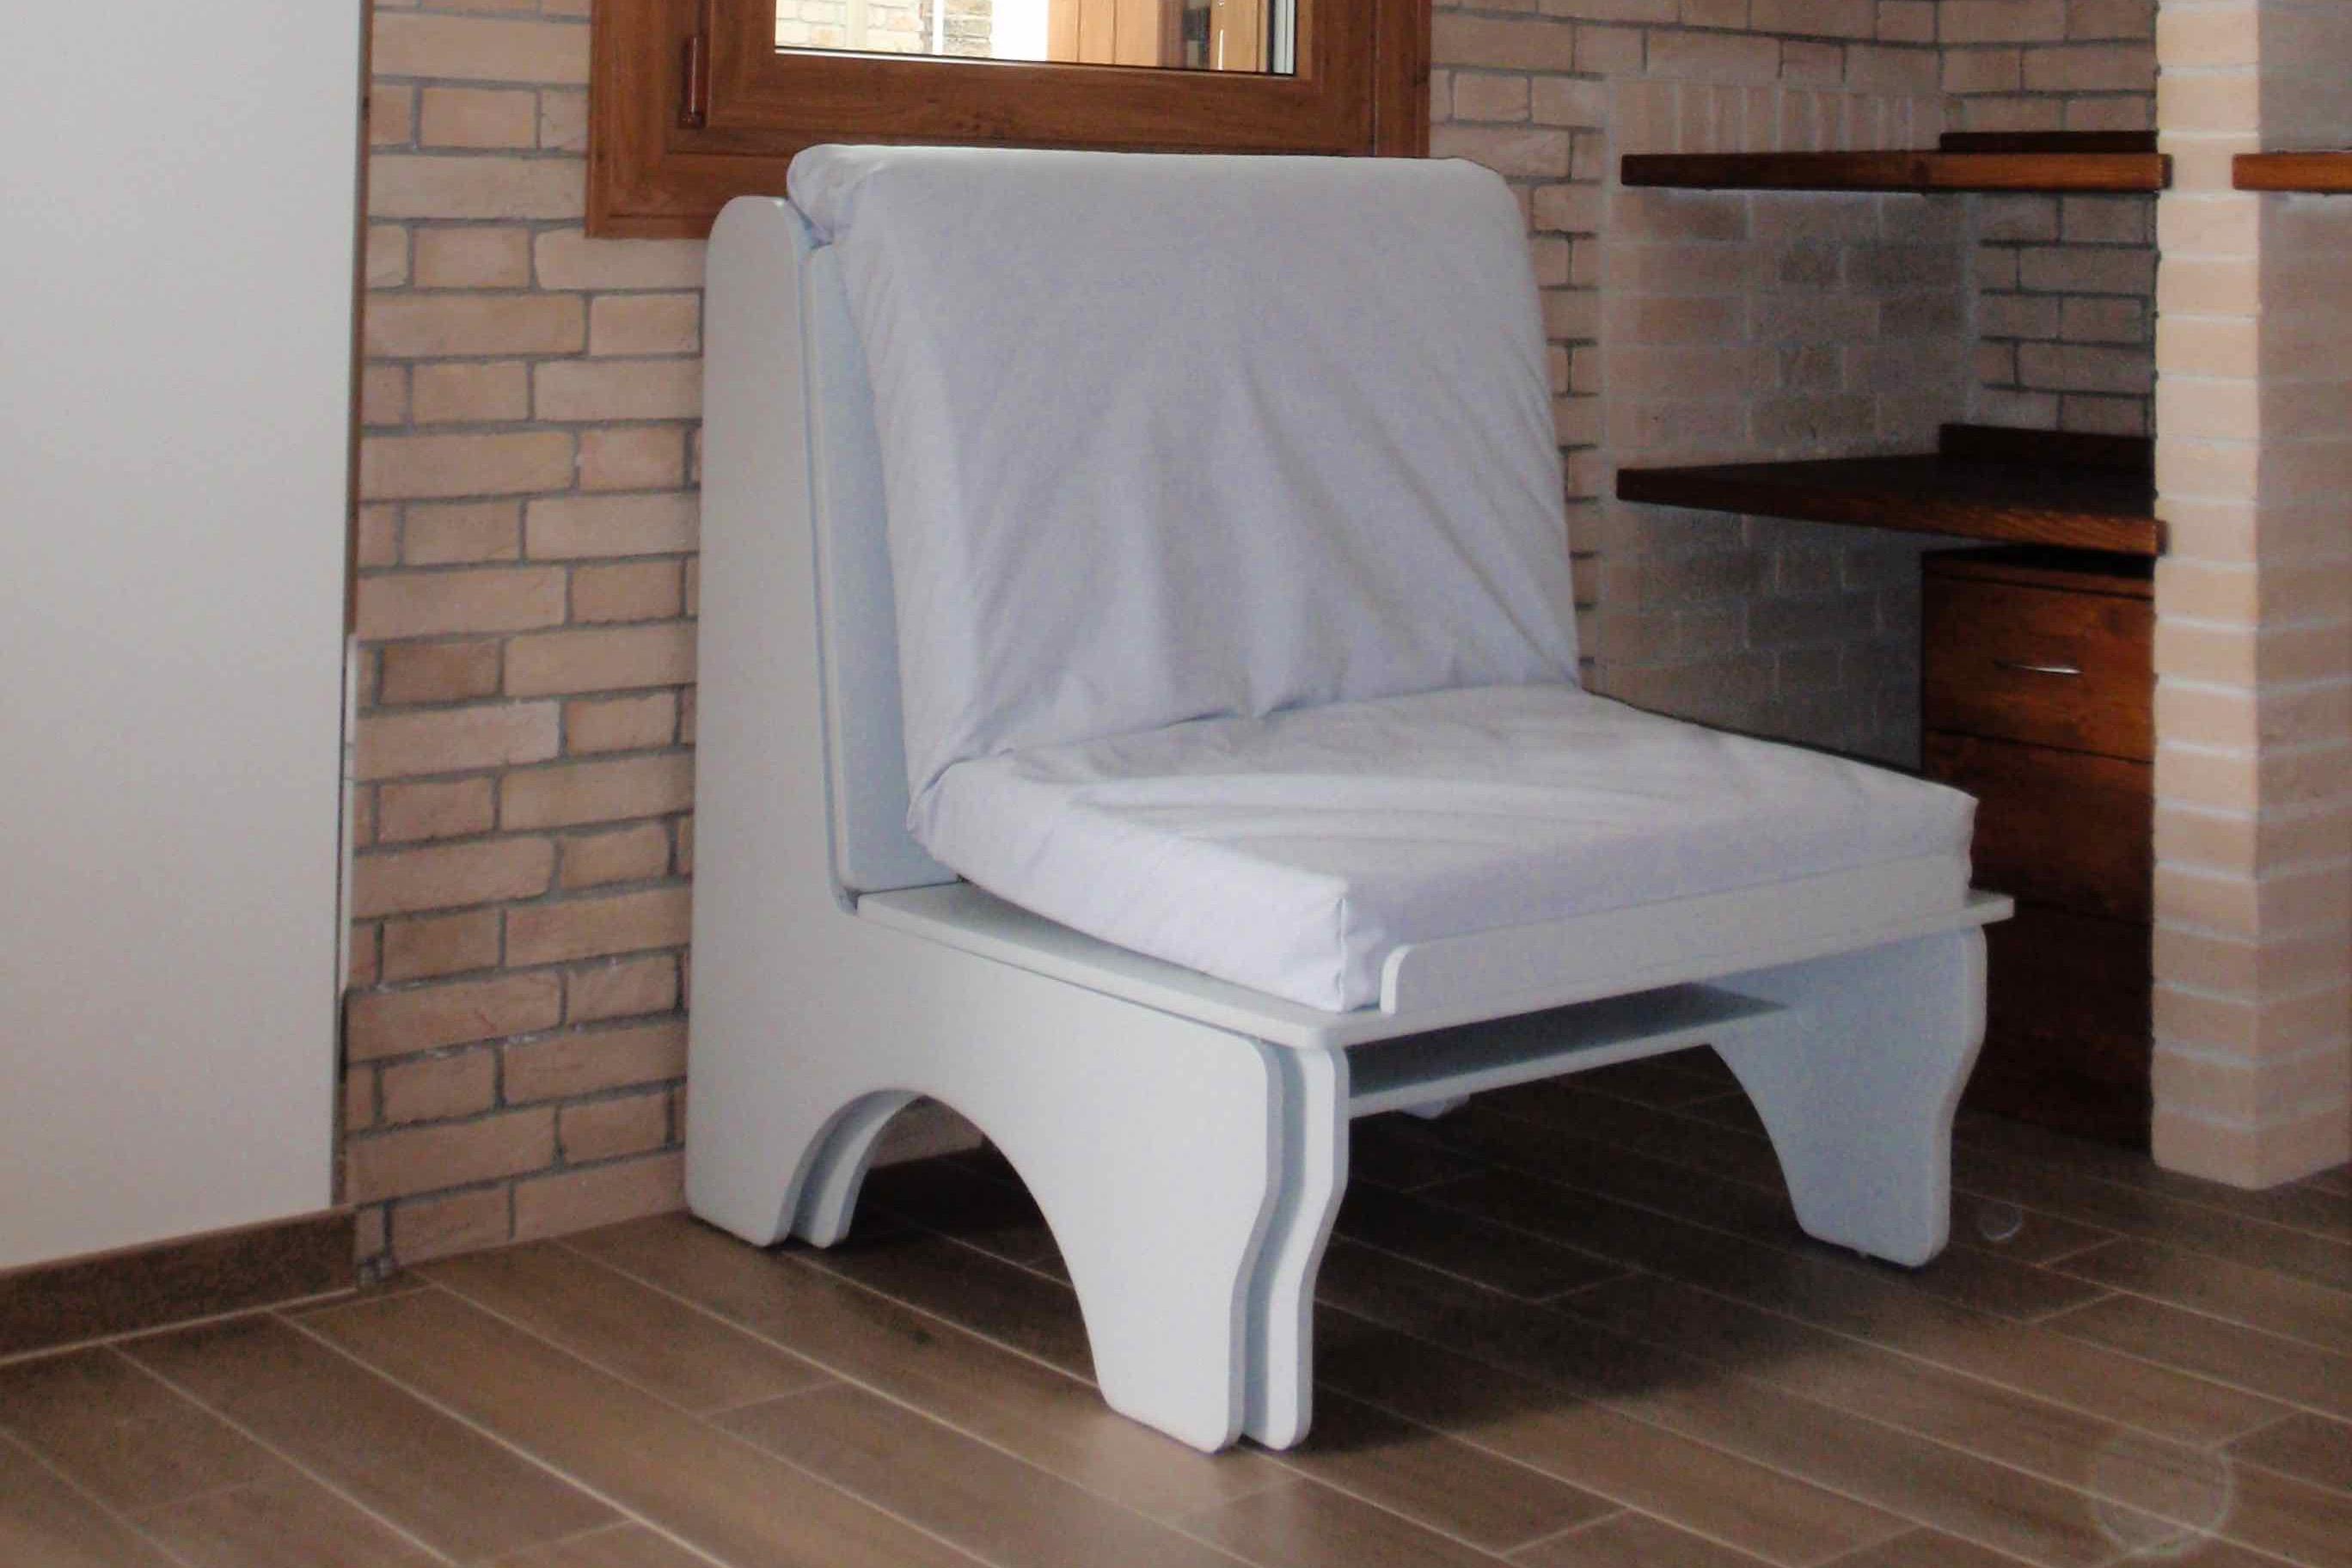 Poltrona letto nini 39 vivilospazio mobili trasformabili for Poltrona letto mercatone uno